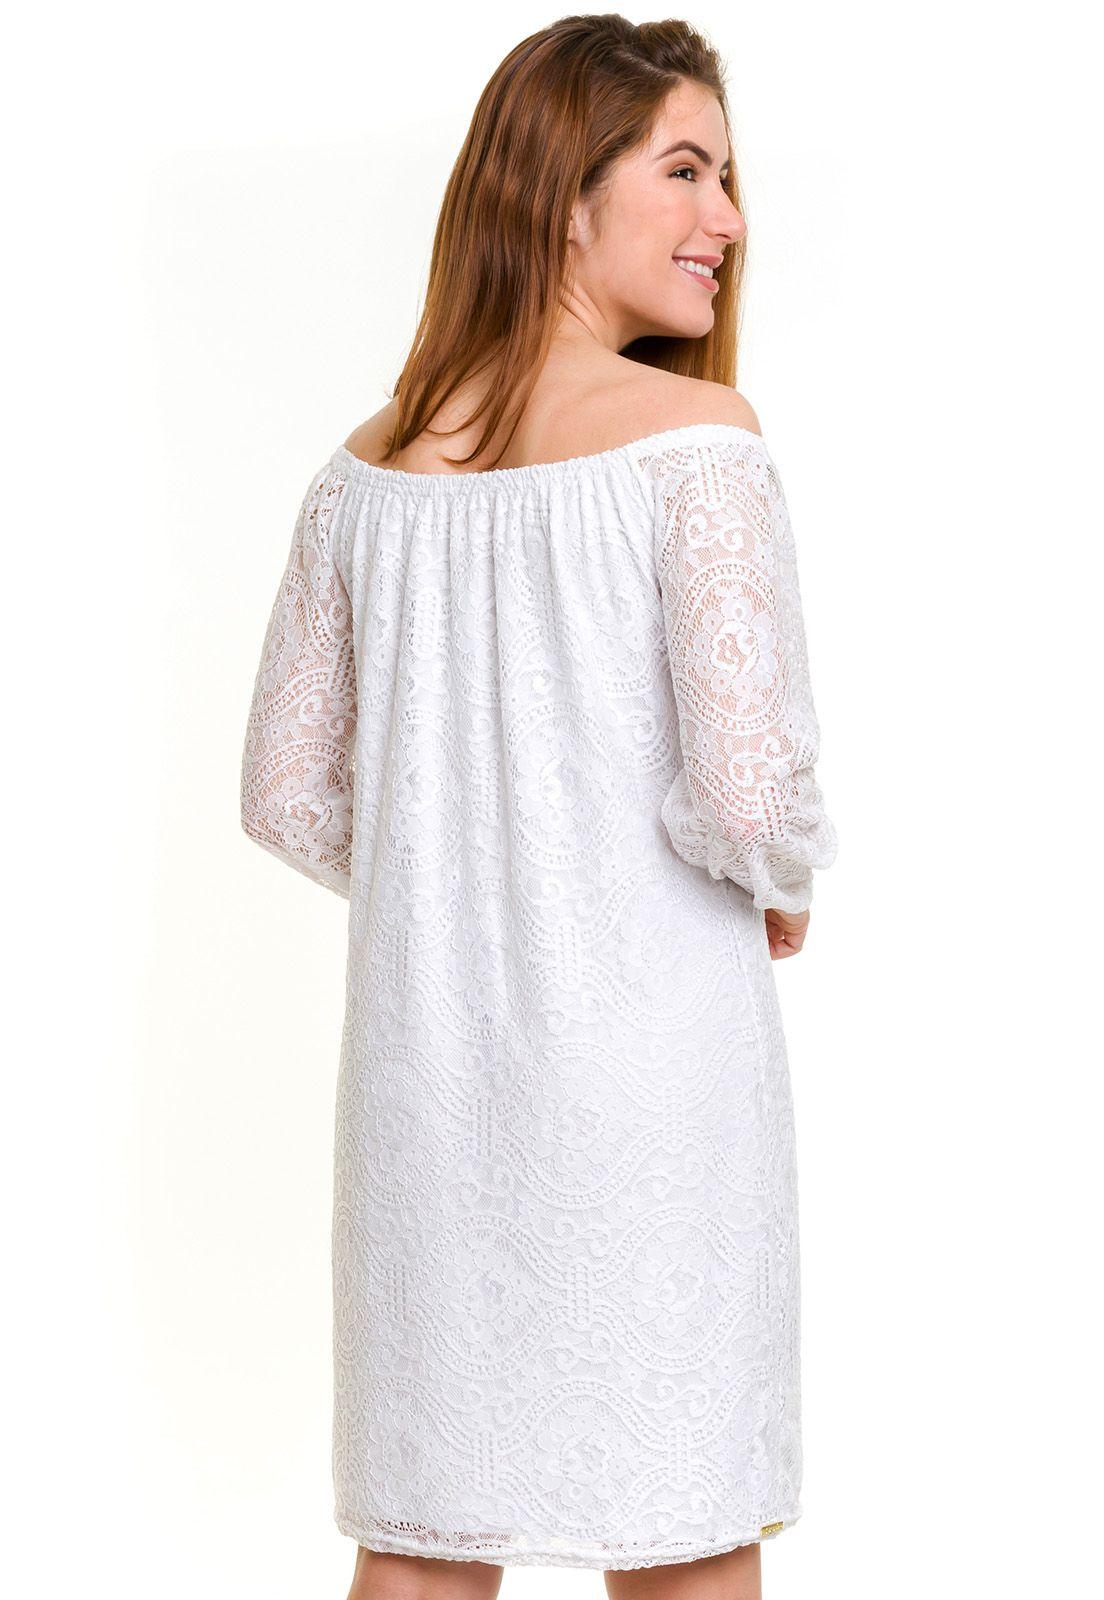 Vestido Ombro a Ombro Renda Branco